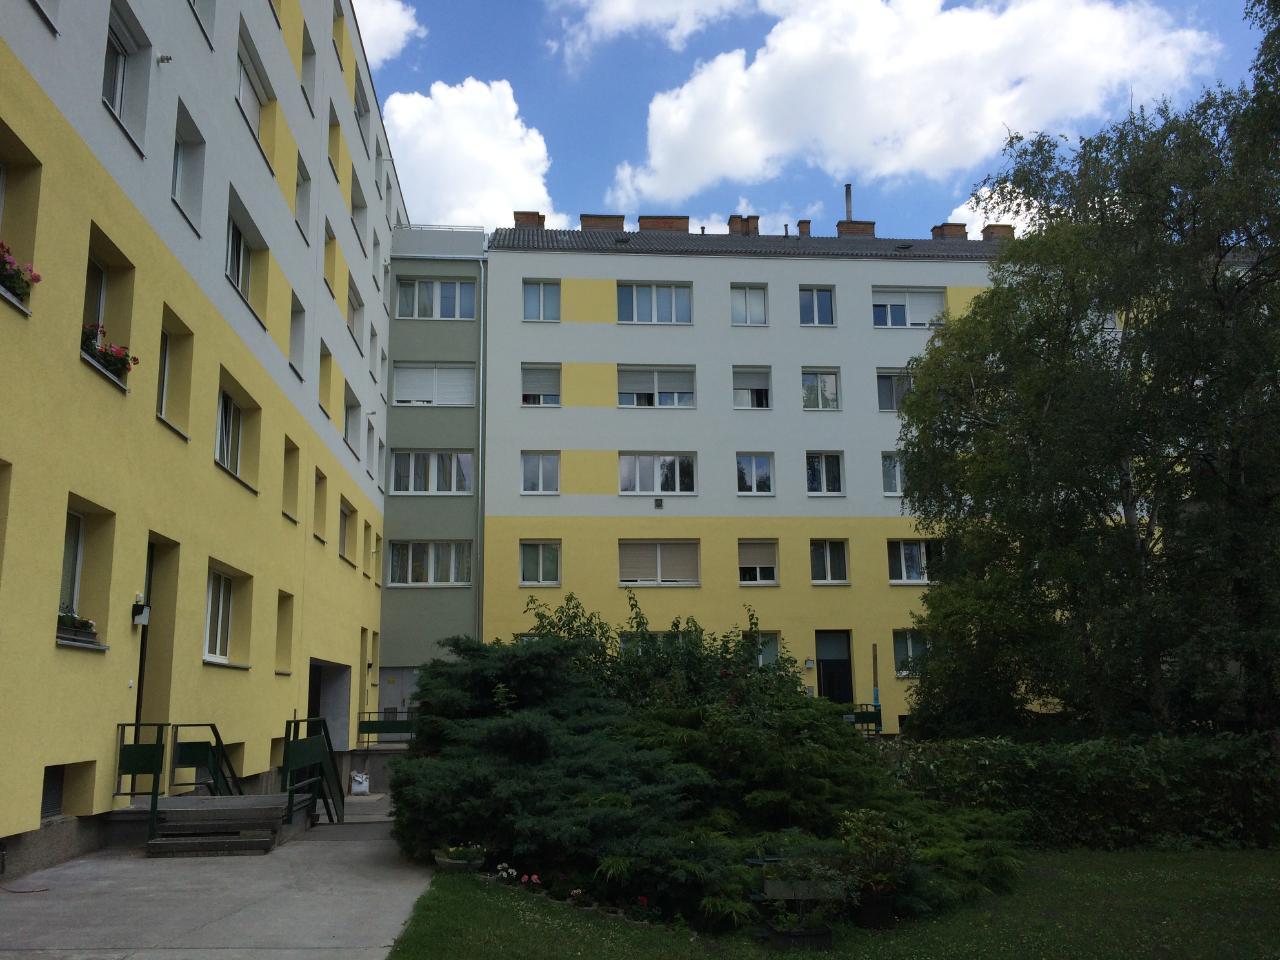 Appartement de vacances 100m² Apartment Donaublick (1521090), Vienne, , Vienne, Autriche, image 33